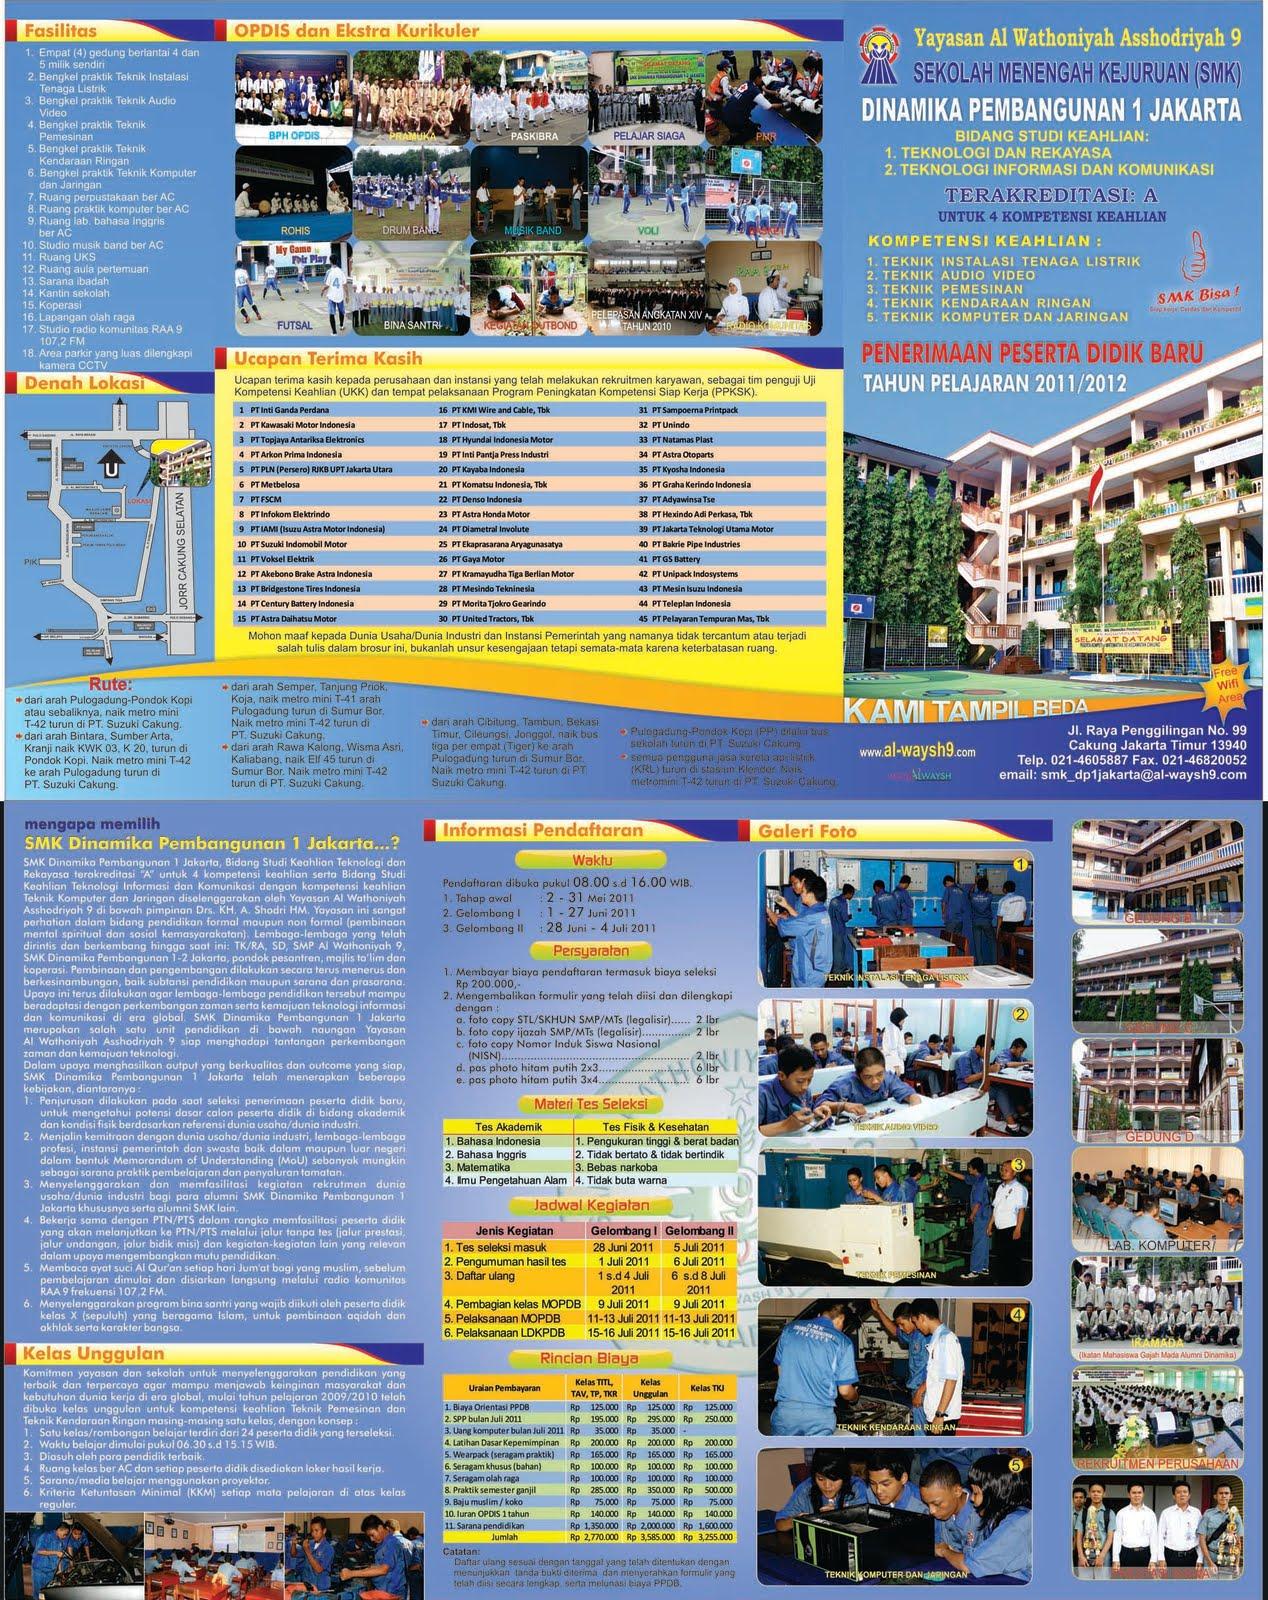 contoh desain brosur sekolah menarik